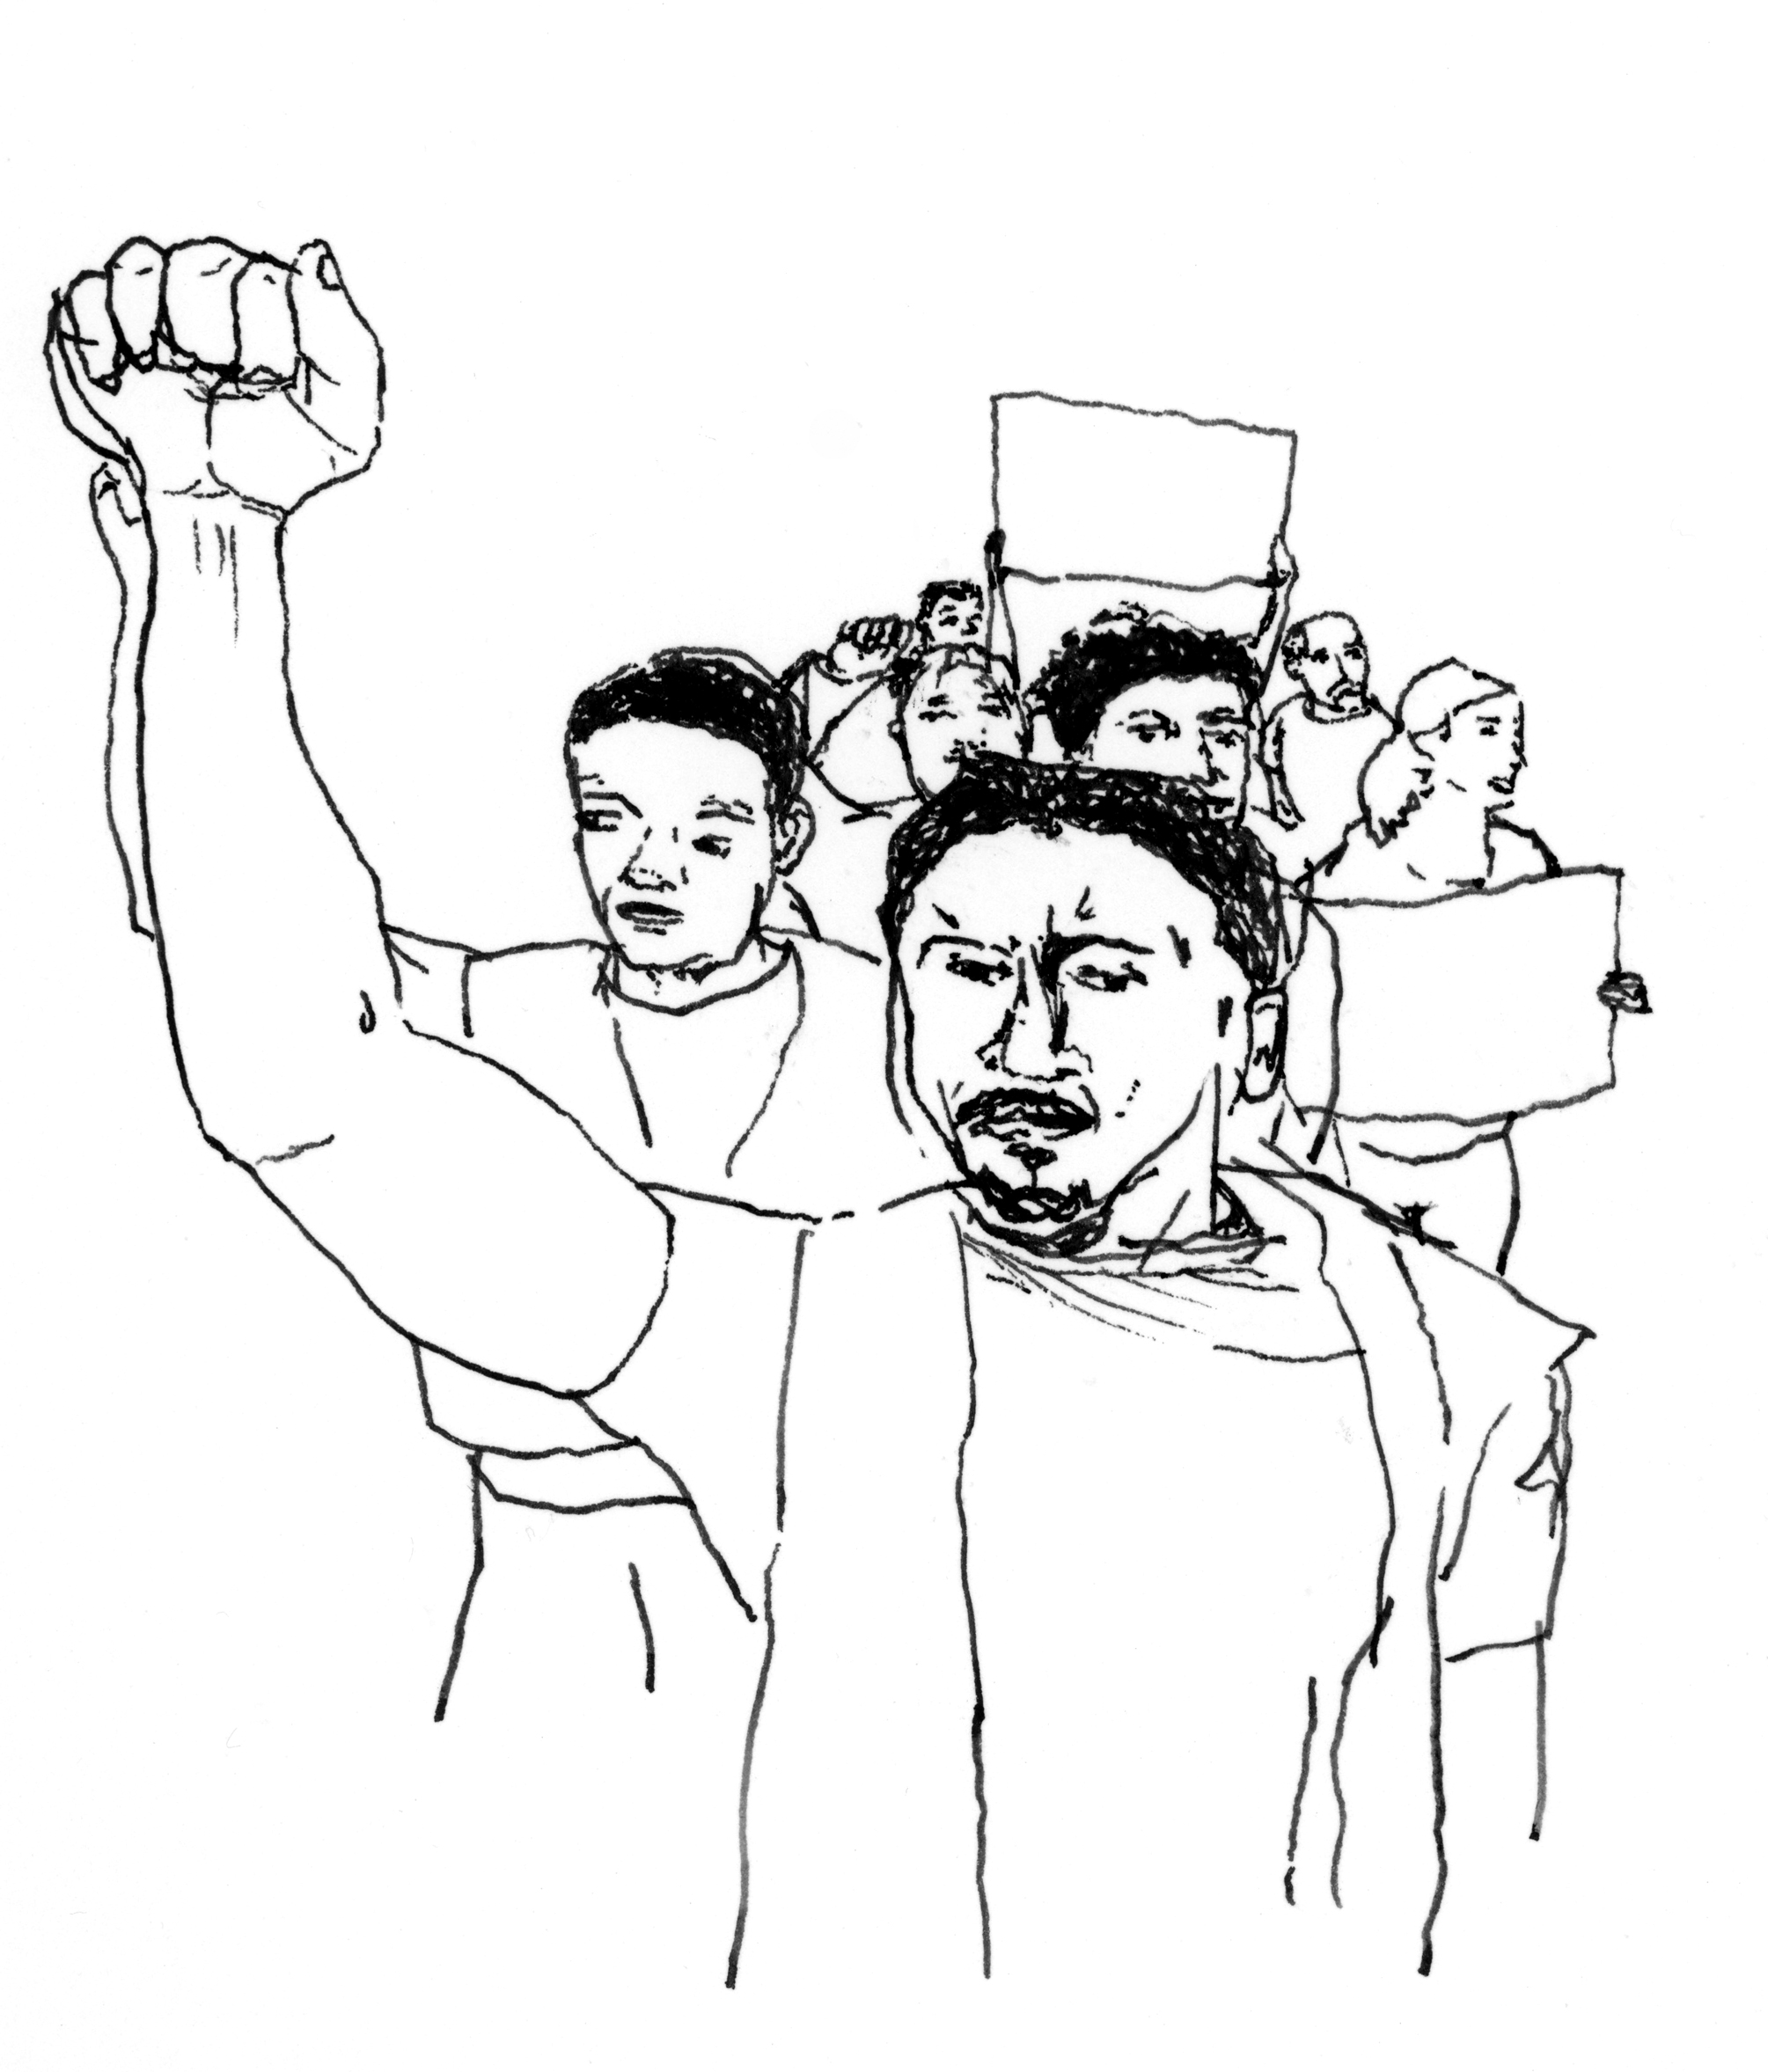 Protest__PeterHopkins.jpg